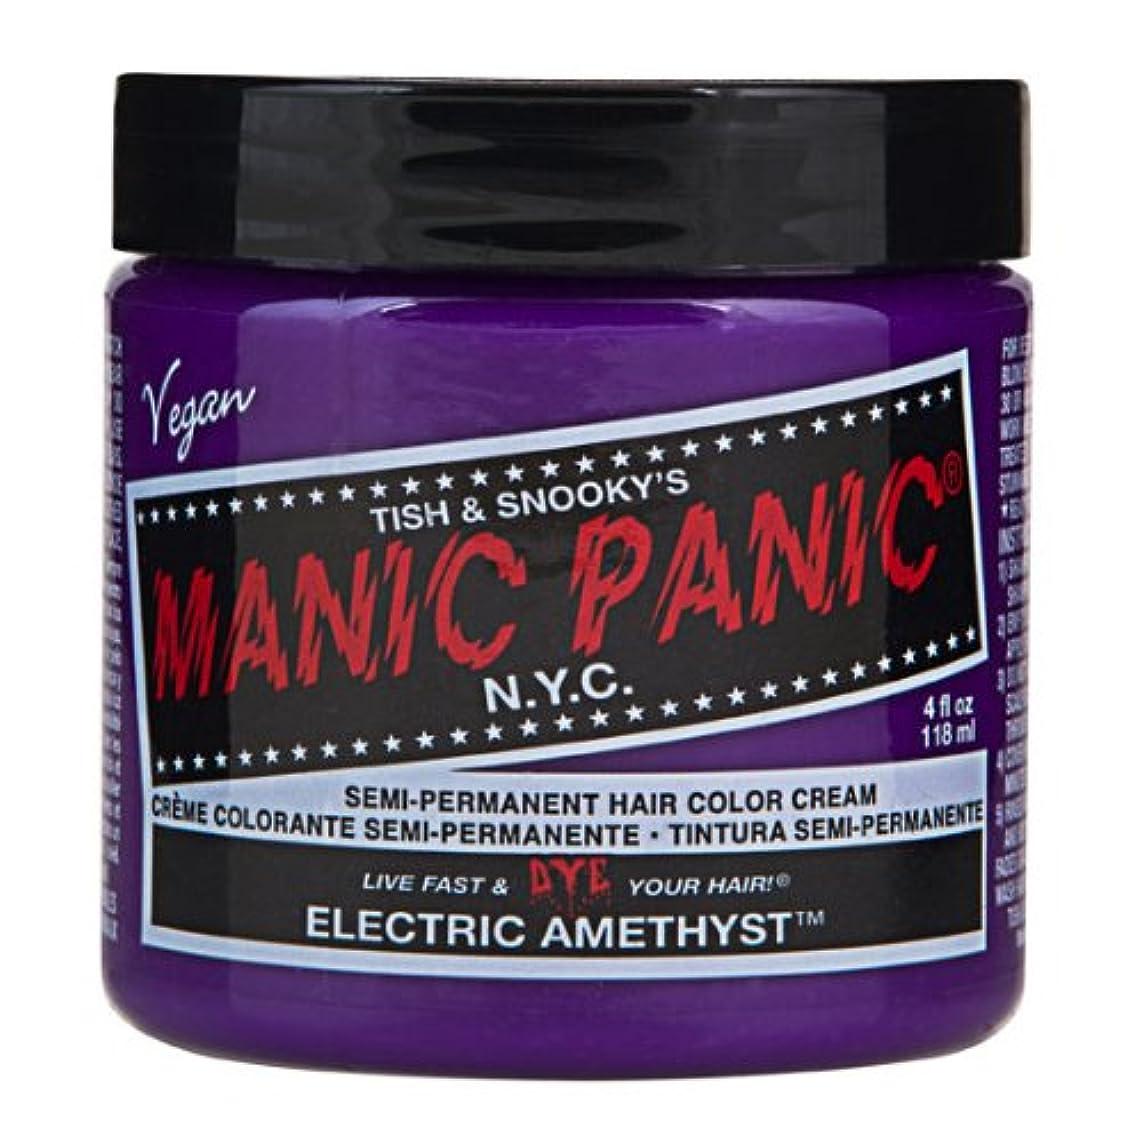 改善スペード納税者マニックパニック MANIC PANIC ヘアカラー 118mlエレクトリックアメジスト ヘアーカラー